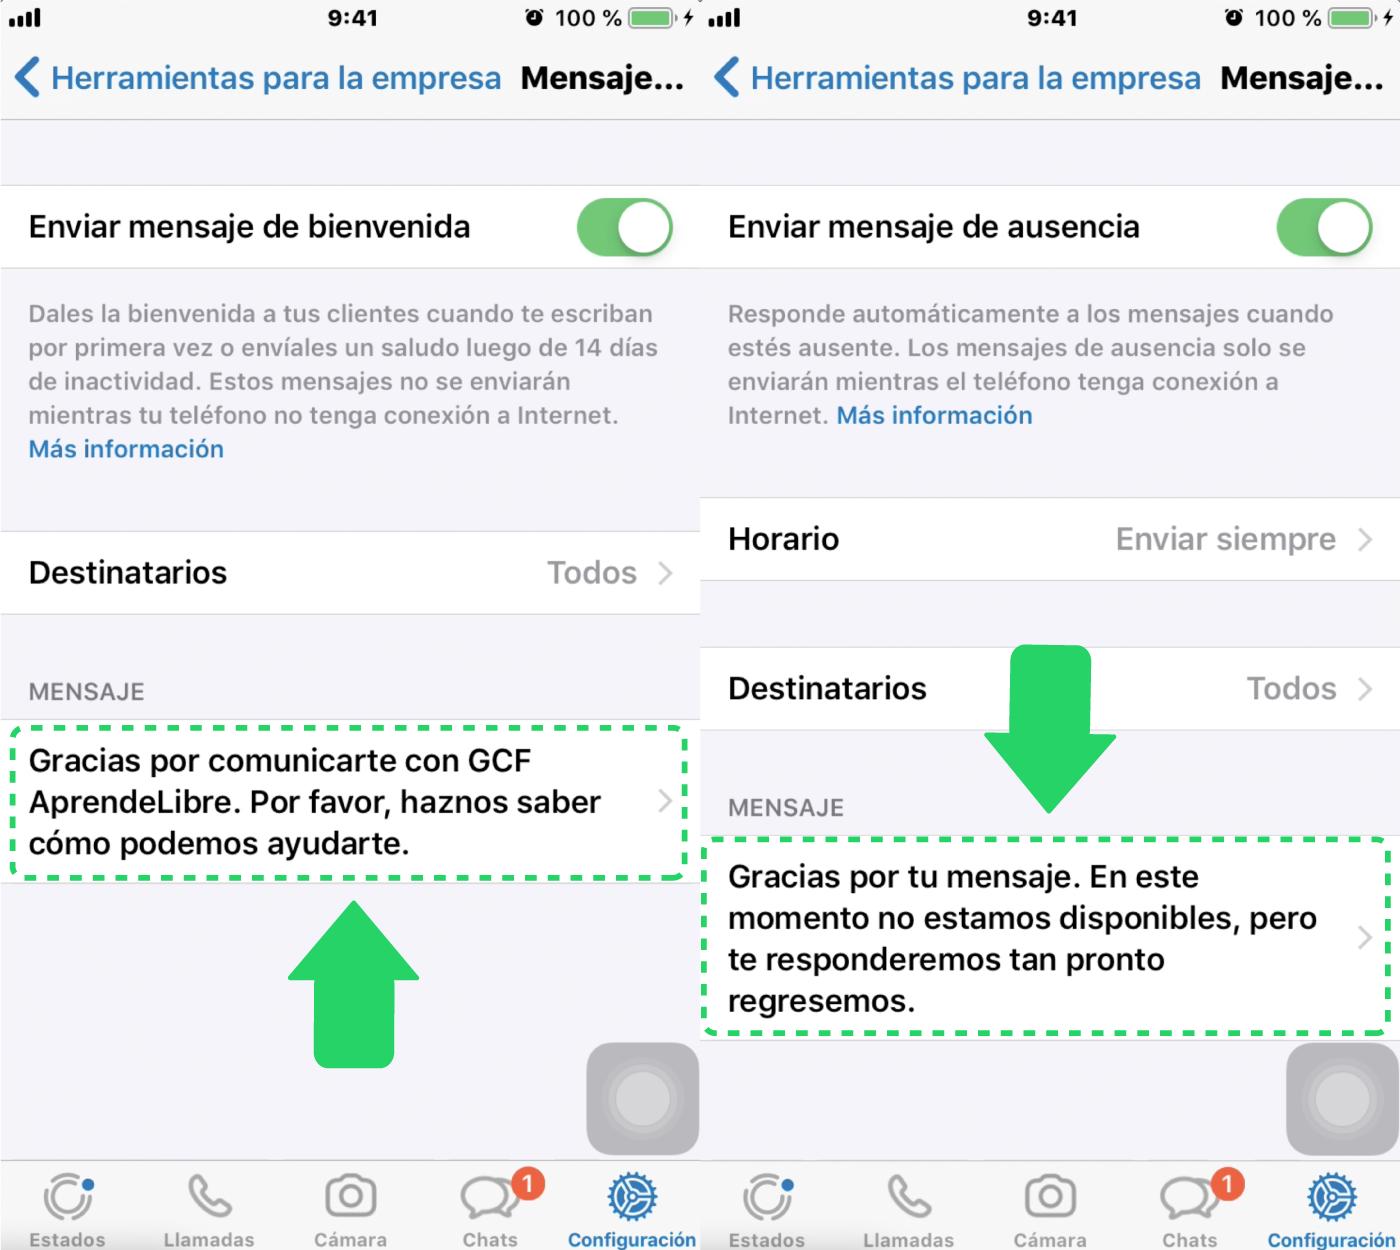 ¿Qué son los mensajes de ausencia y bienvenida en WhatsApp Business?